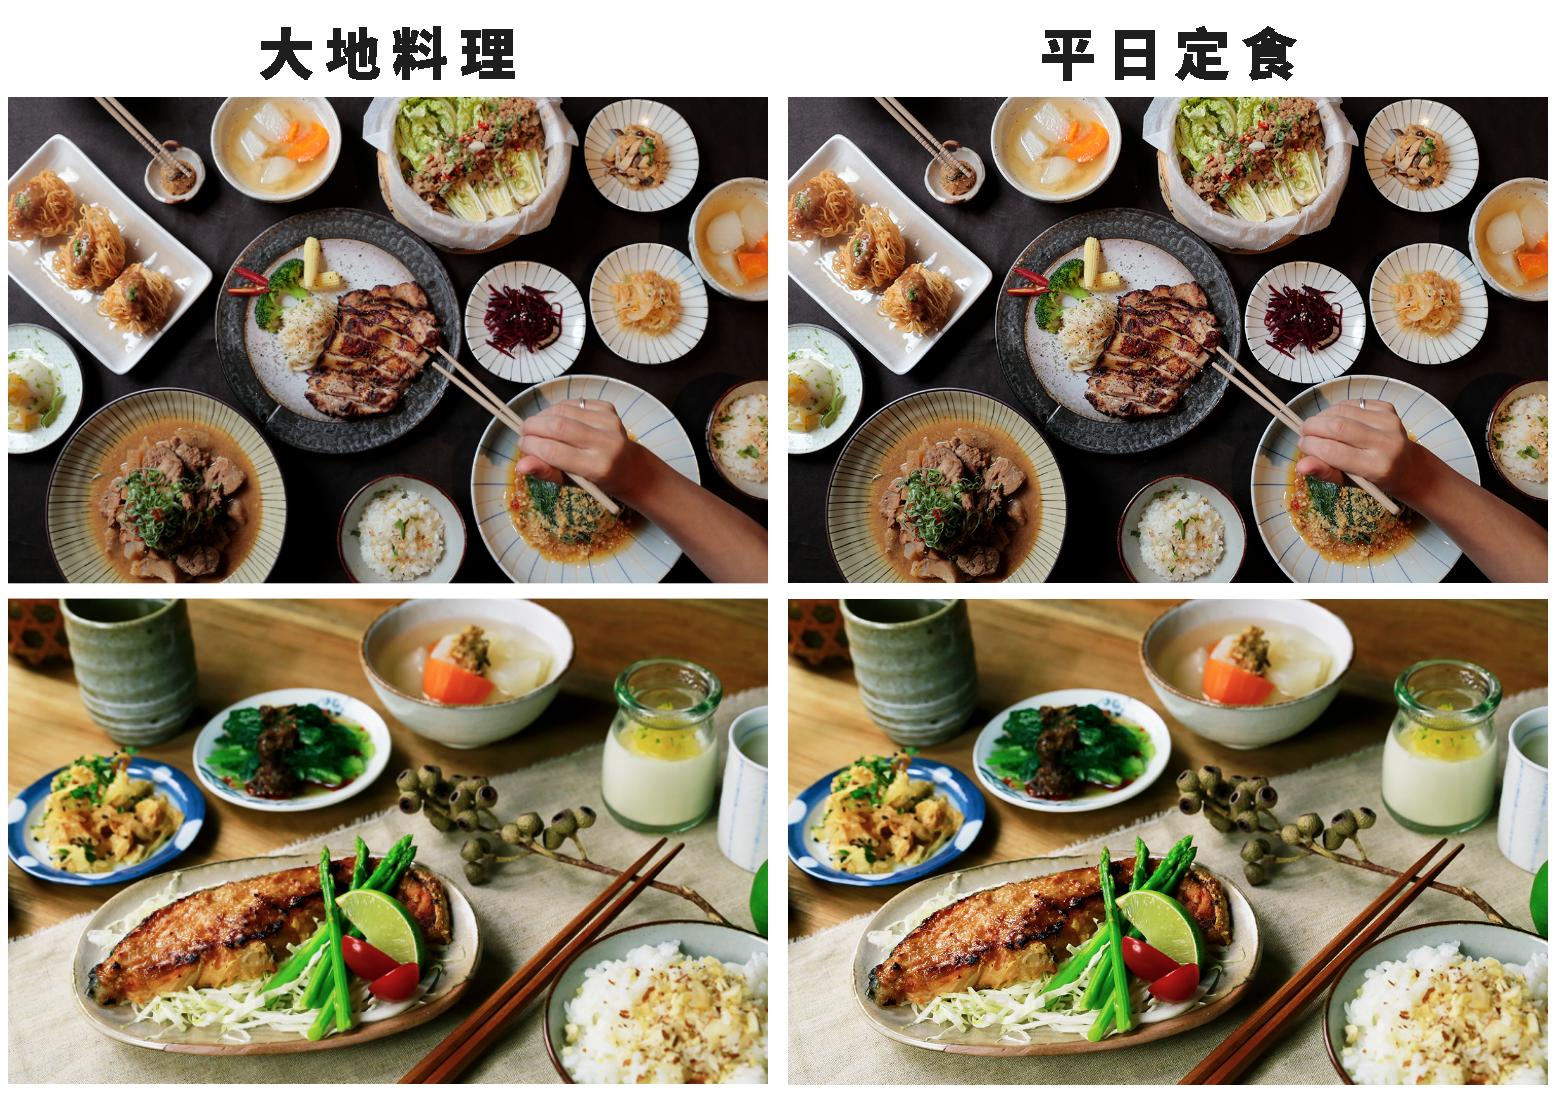 甘樂食堂選用自家「禾乃川國產豆製所」的100%台灣非基改大豆、純天然製作的手工豆腐,加上日本300多年味噌老店的優良菌種「糀」(kouji),融入花蓮羅山有機米裡培養成米麴,慢慢等待熟成,製作出味噌、鹽麴、味醂、甘酒,清酒、酒粕等天然釀酵食物,再將這些營養美味的天然釀酵物,靈活運用在每一道料理中,成就出單純樸實的「大地料理」。